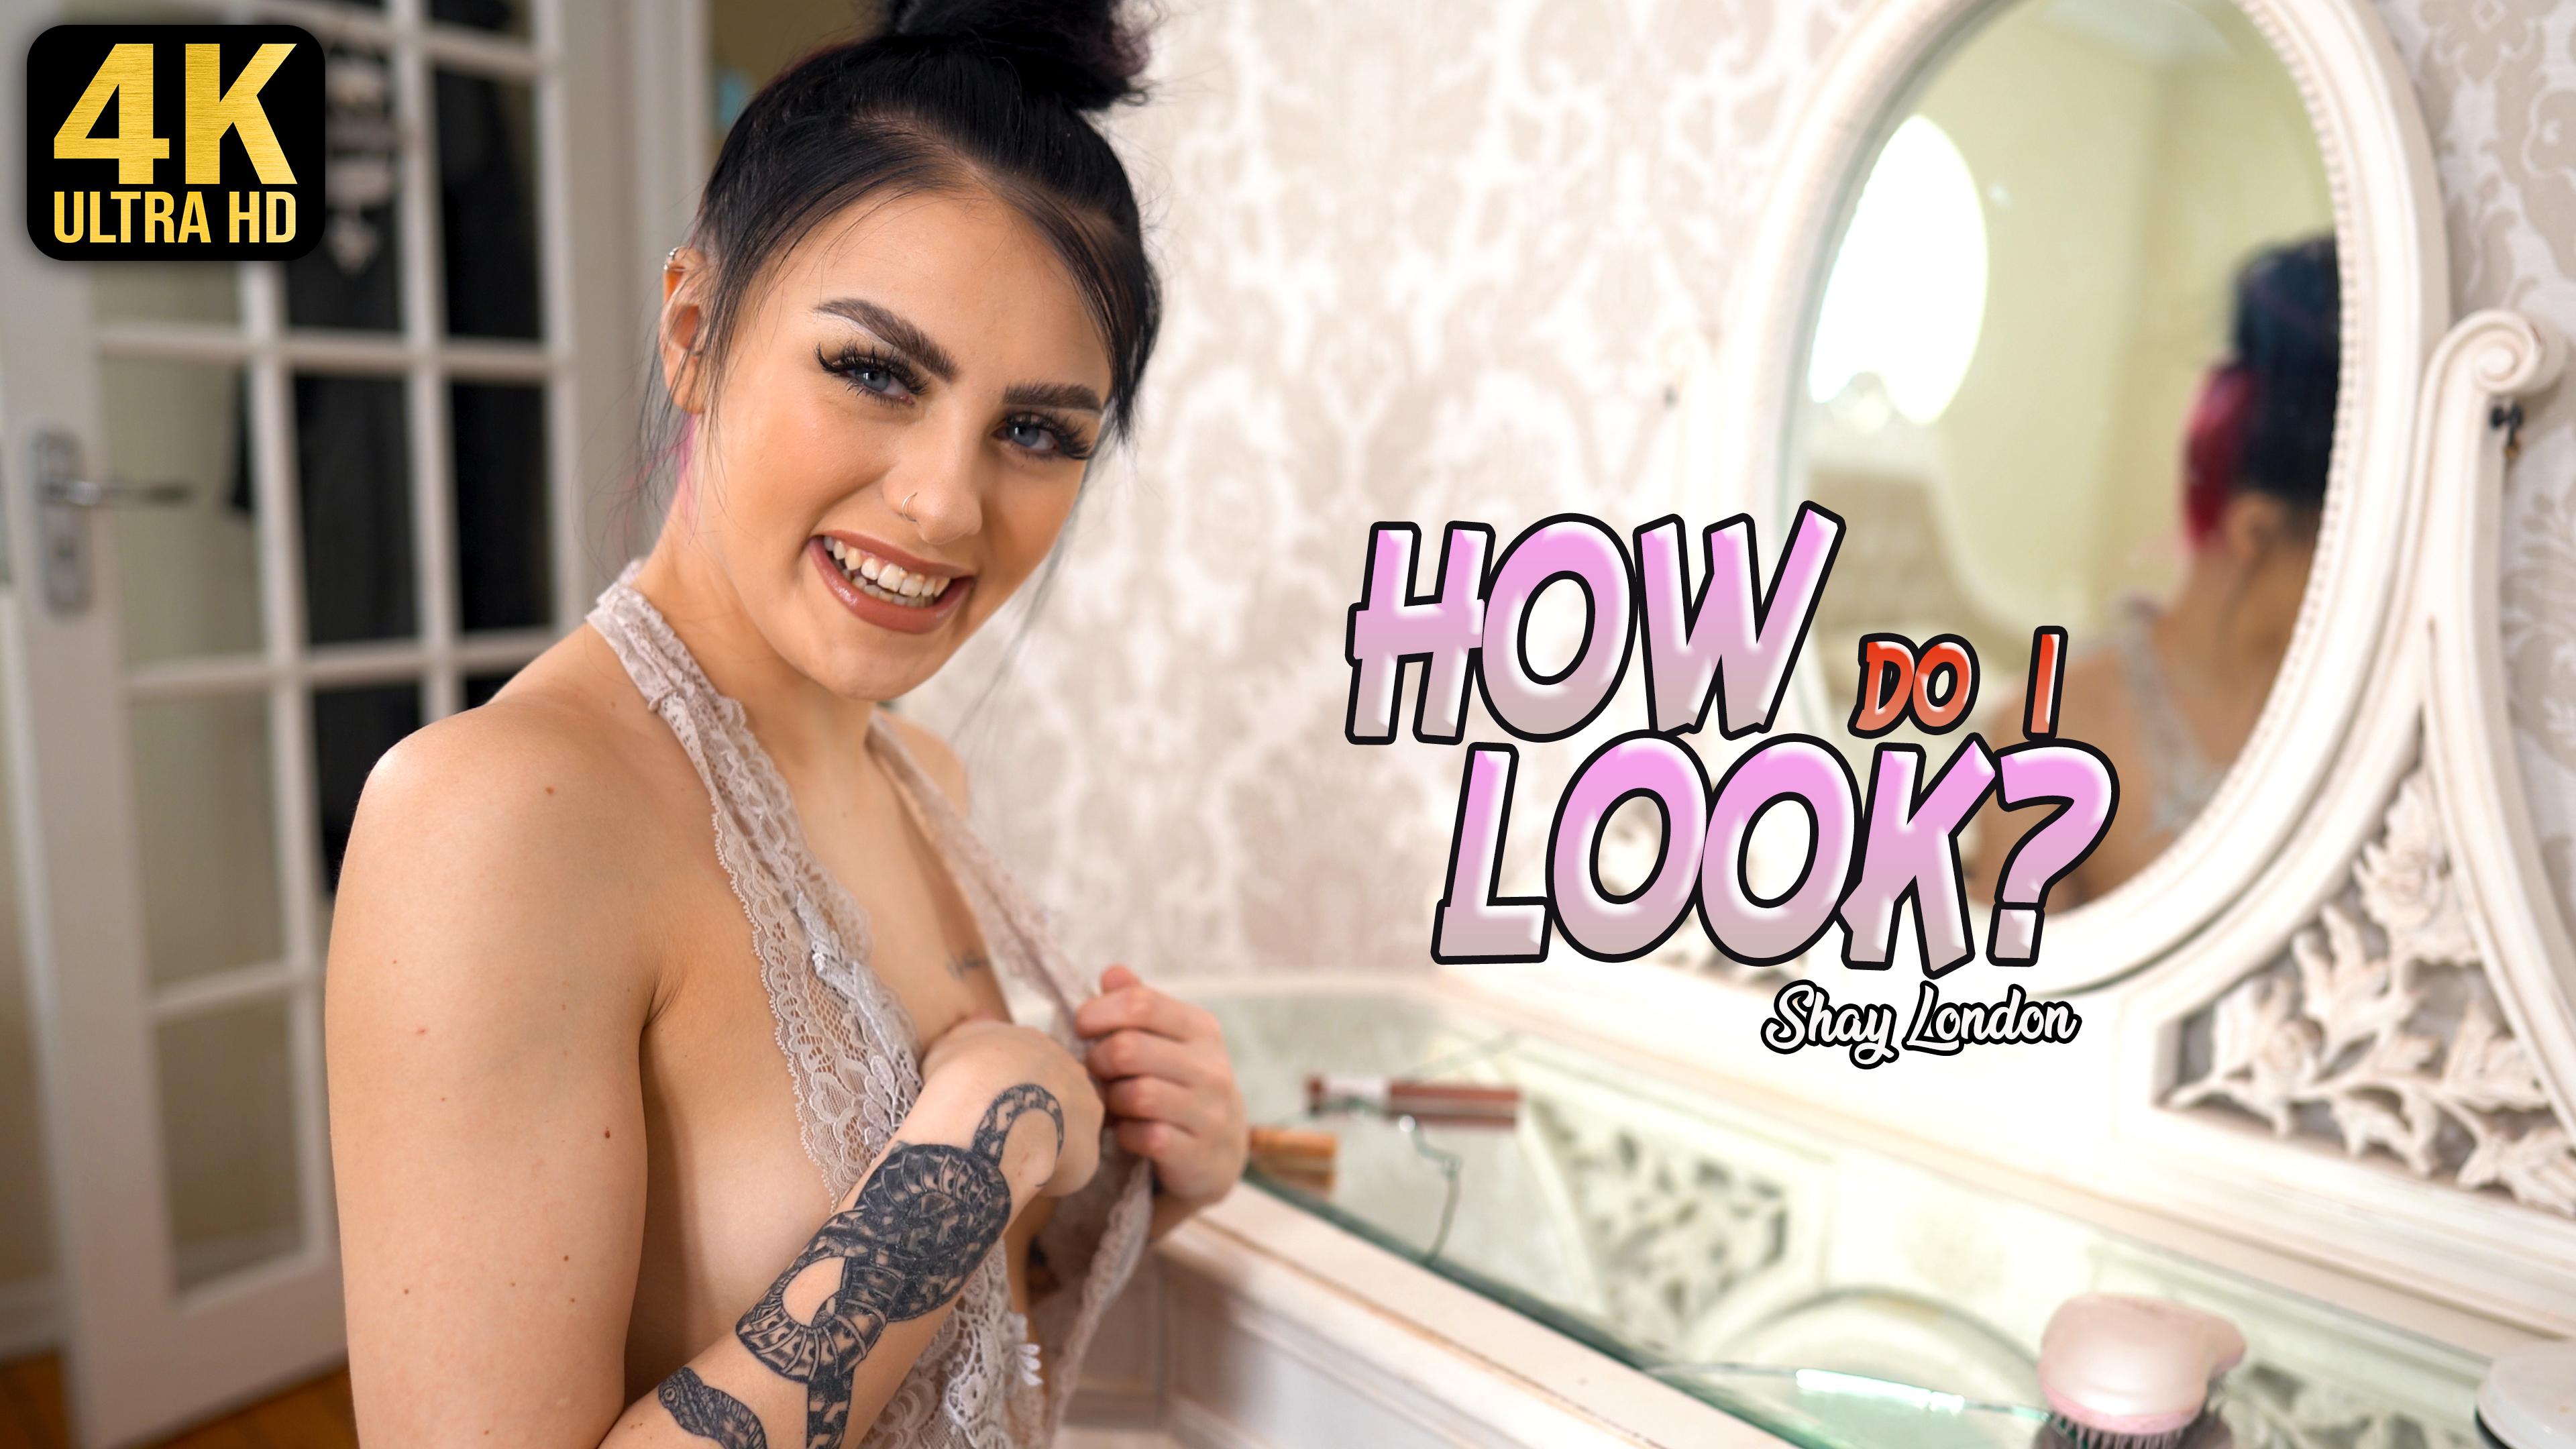 Dbj Shay London How Do I Look